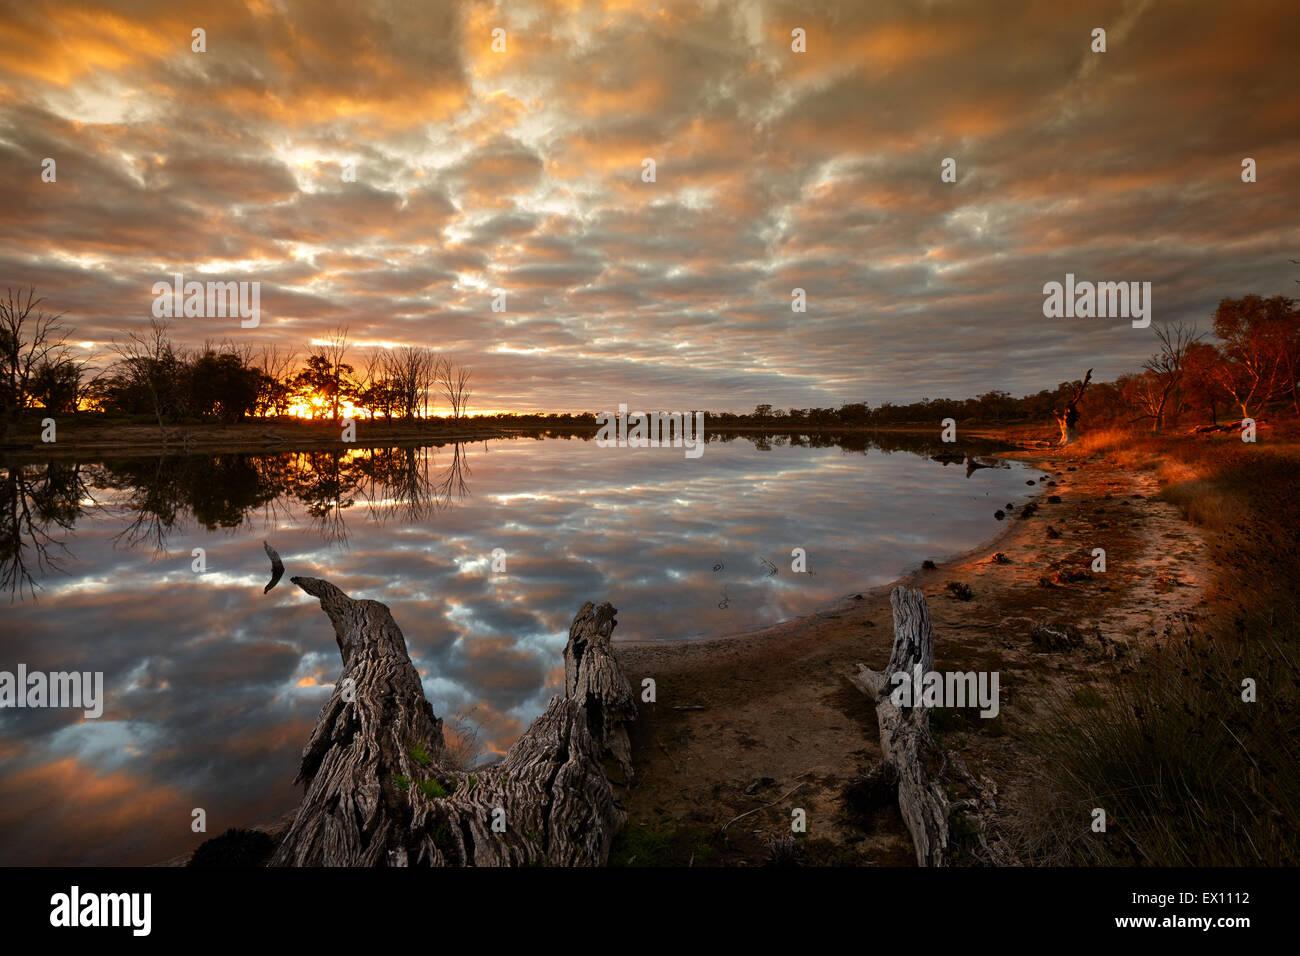 First light on Billabong, beside Murray River near Merbein, Victoria, Australia. - Stock Image